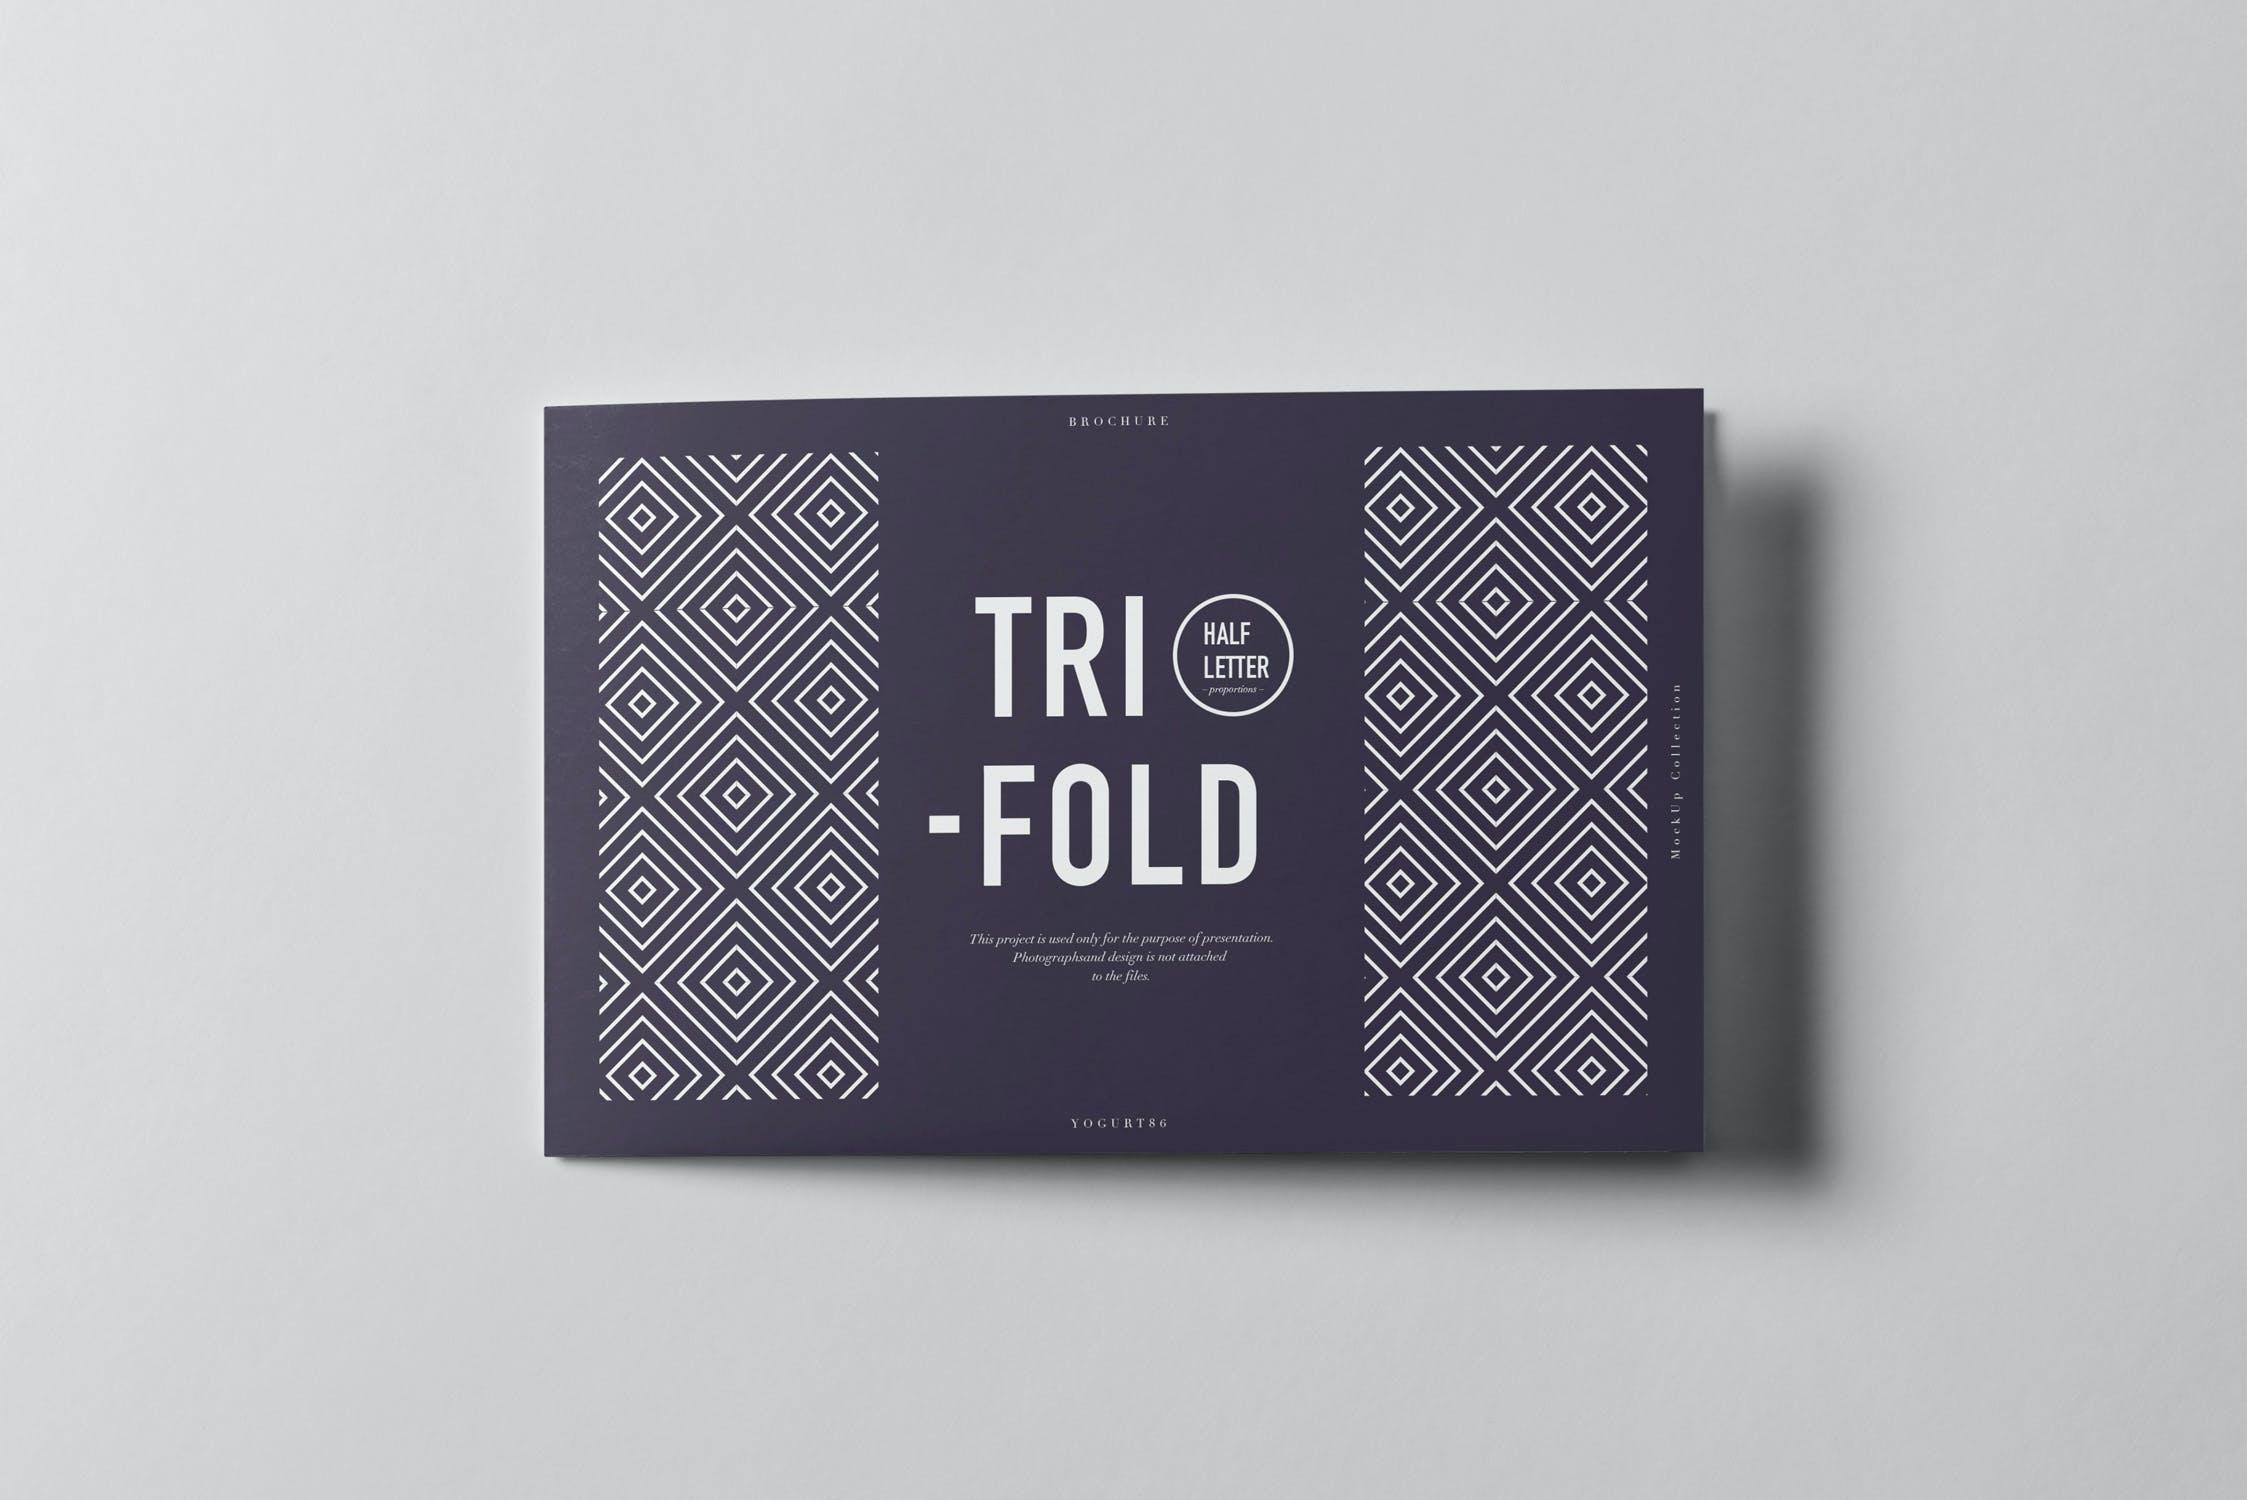 9款横版三折页小册子设计展示样机模板 Tri-Fold Half Letter Horizontal Brochure Mockup插图(6)